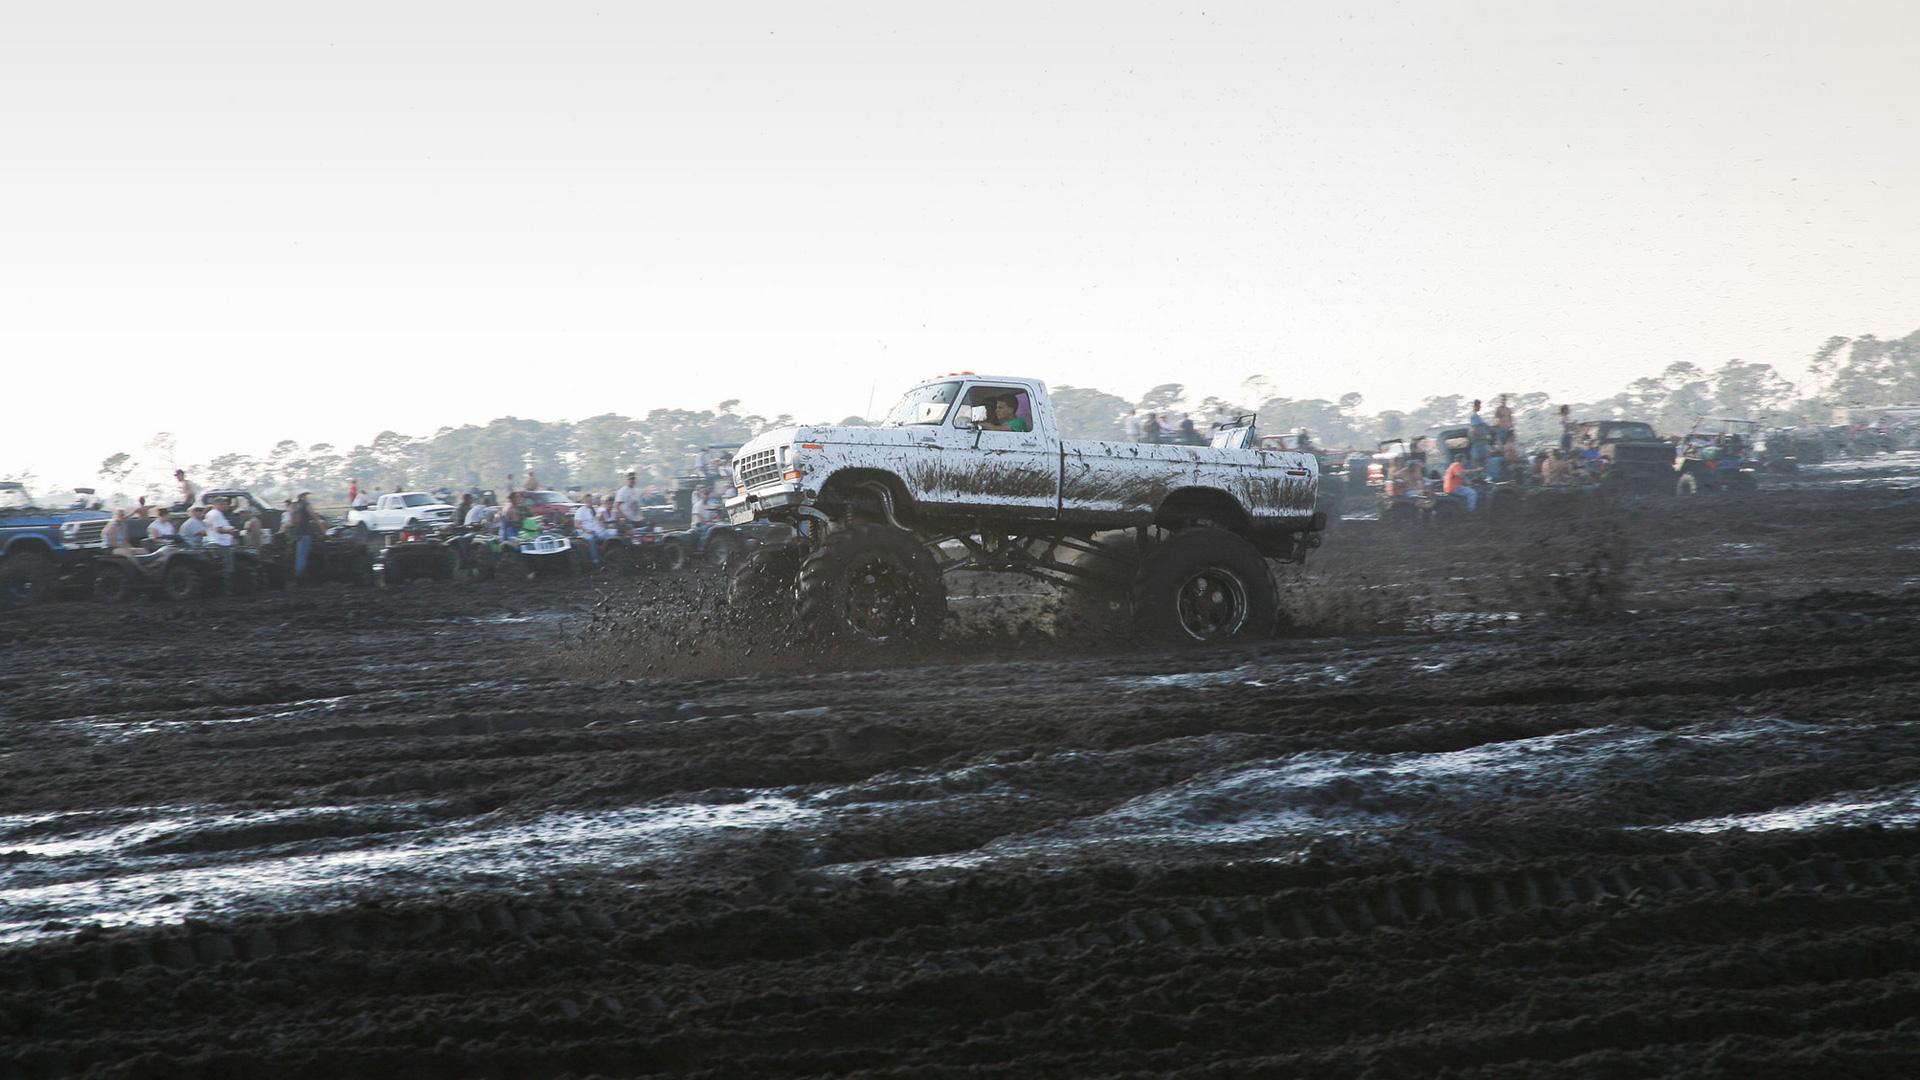 Самые странные виды автомобильных гонок. Фото 3